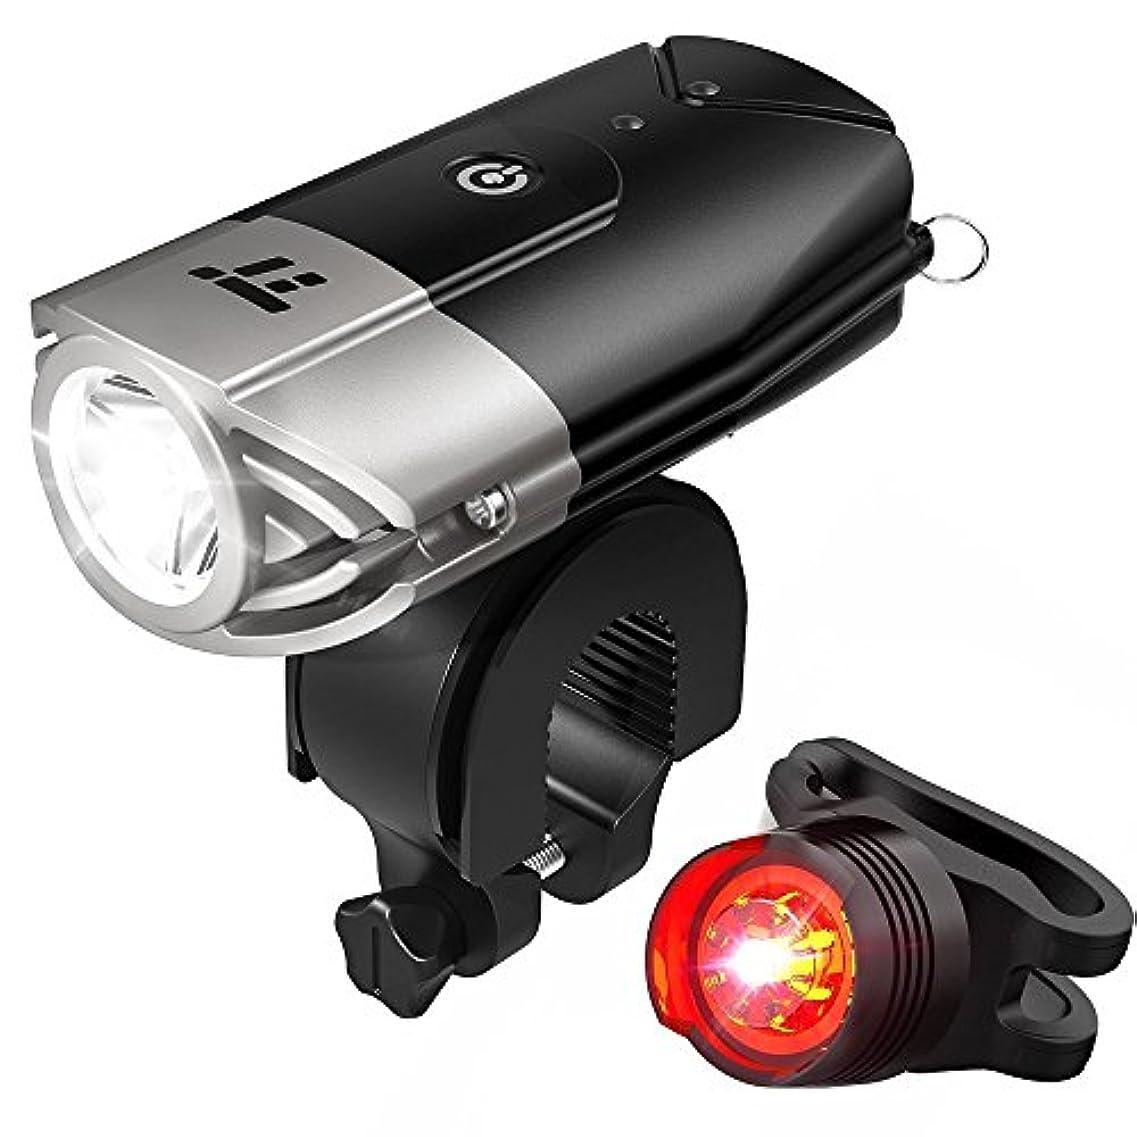 切断する答え規範自転車ライト テールライト付 TaoTronics USB充電式 ヘッドライト 700ルーメン LED IP65防水 TT-HP007